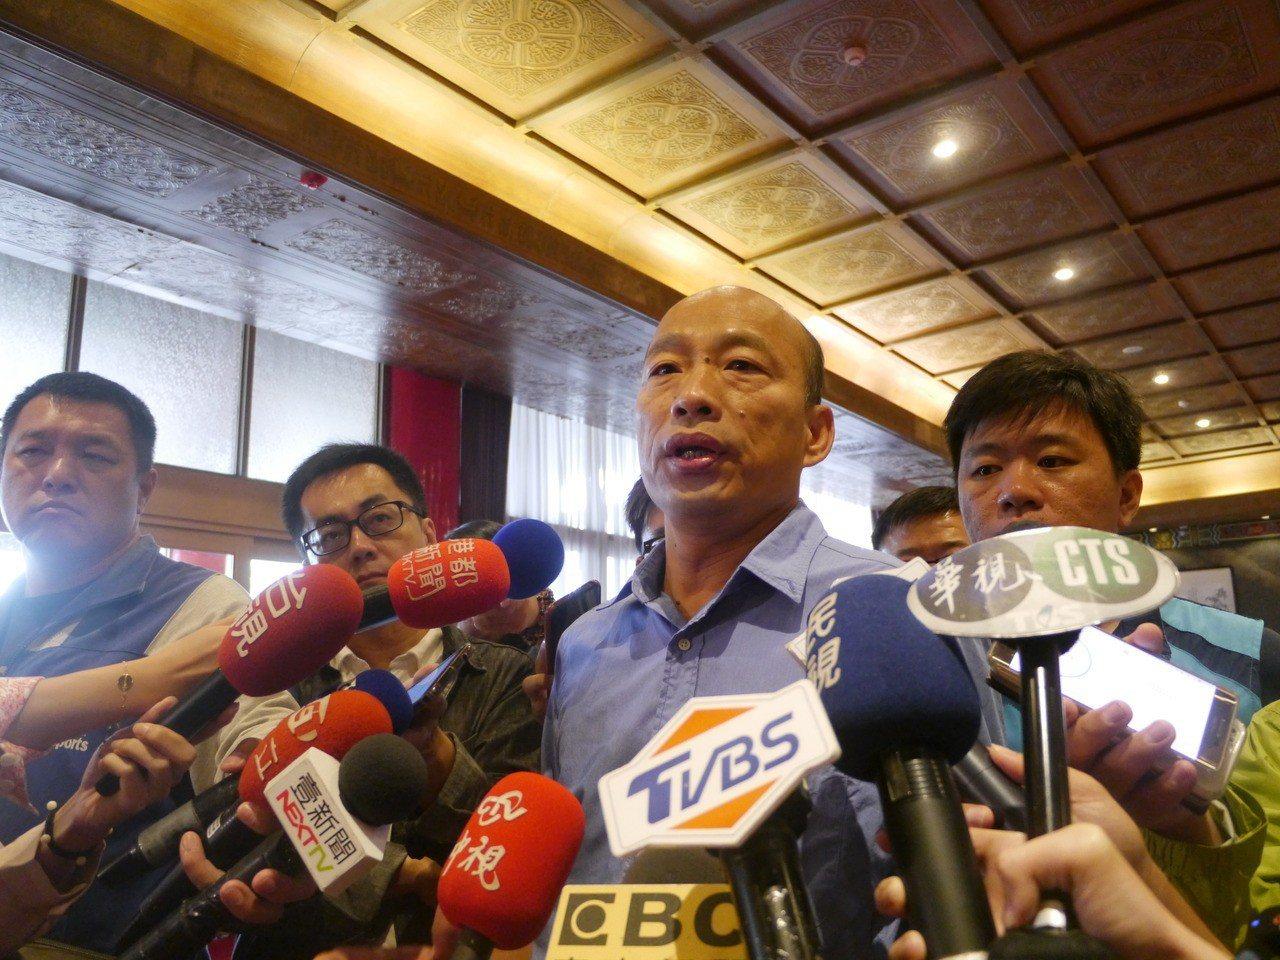 韓國瑜受訪,以「屁股毛還沒長齊」形容議員候選人,引來綠營反彈。記者徐白櫻/攝影